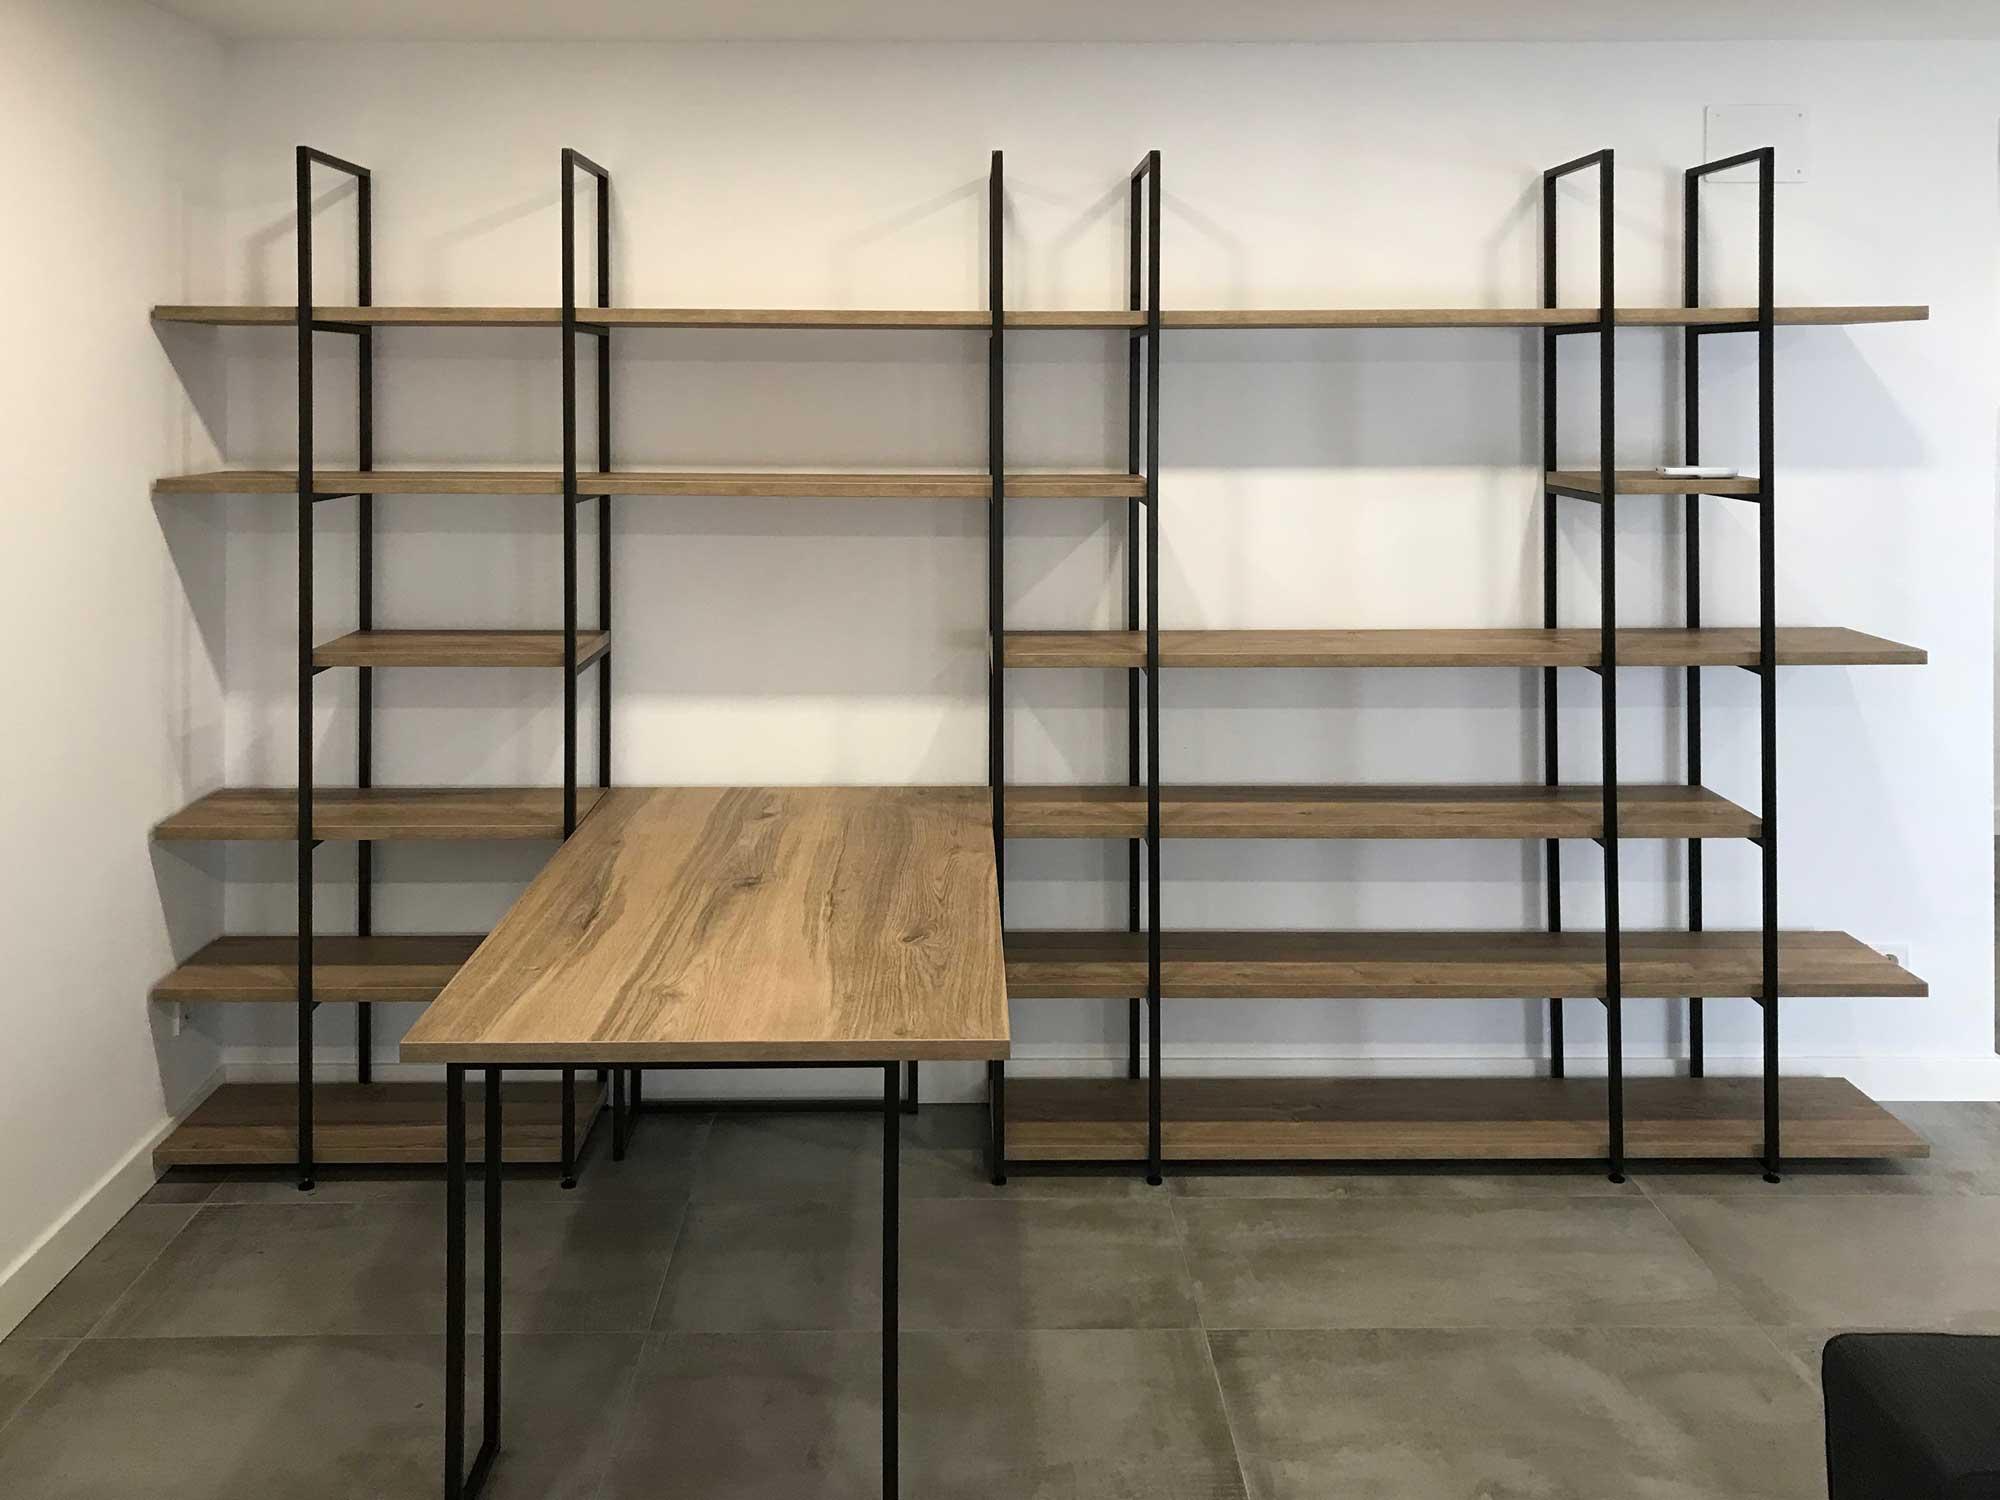 Estanterias modulares de madera elegant estantera modular - Estanterias modulares de madera ...